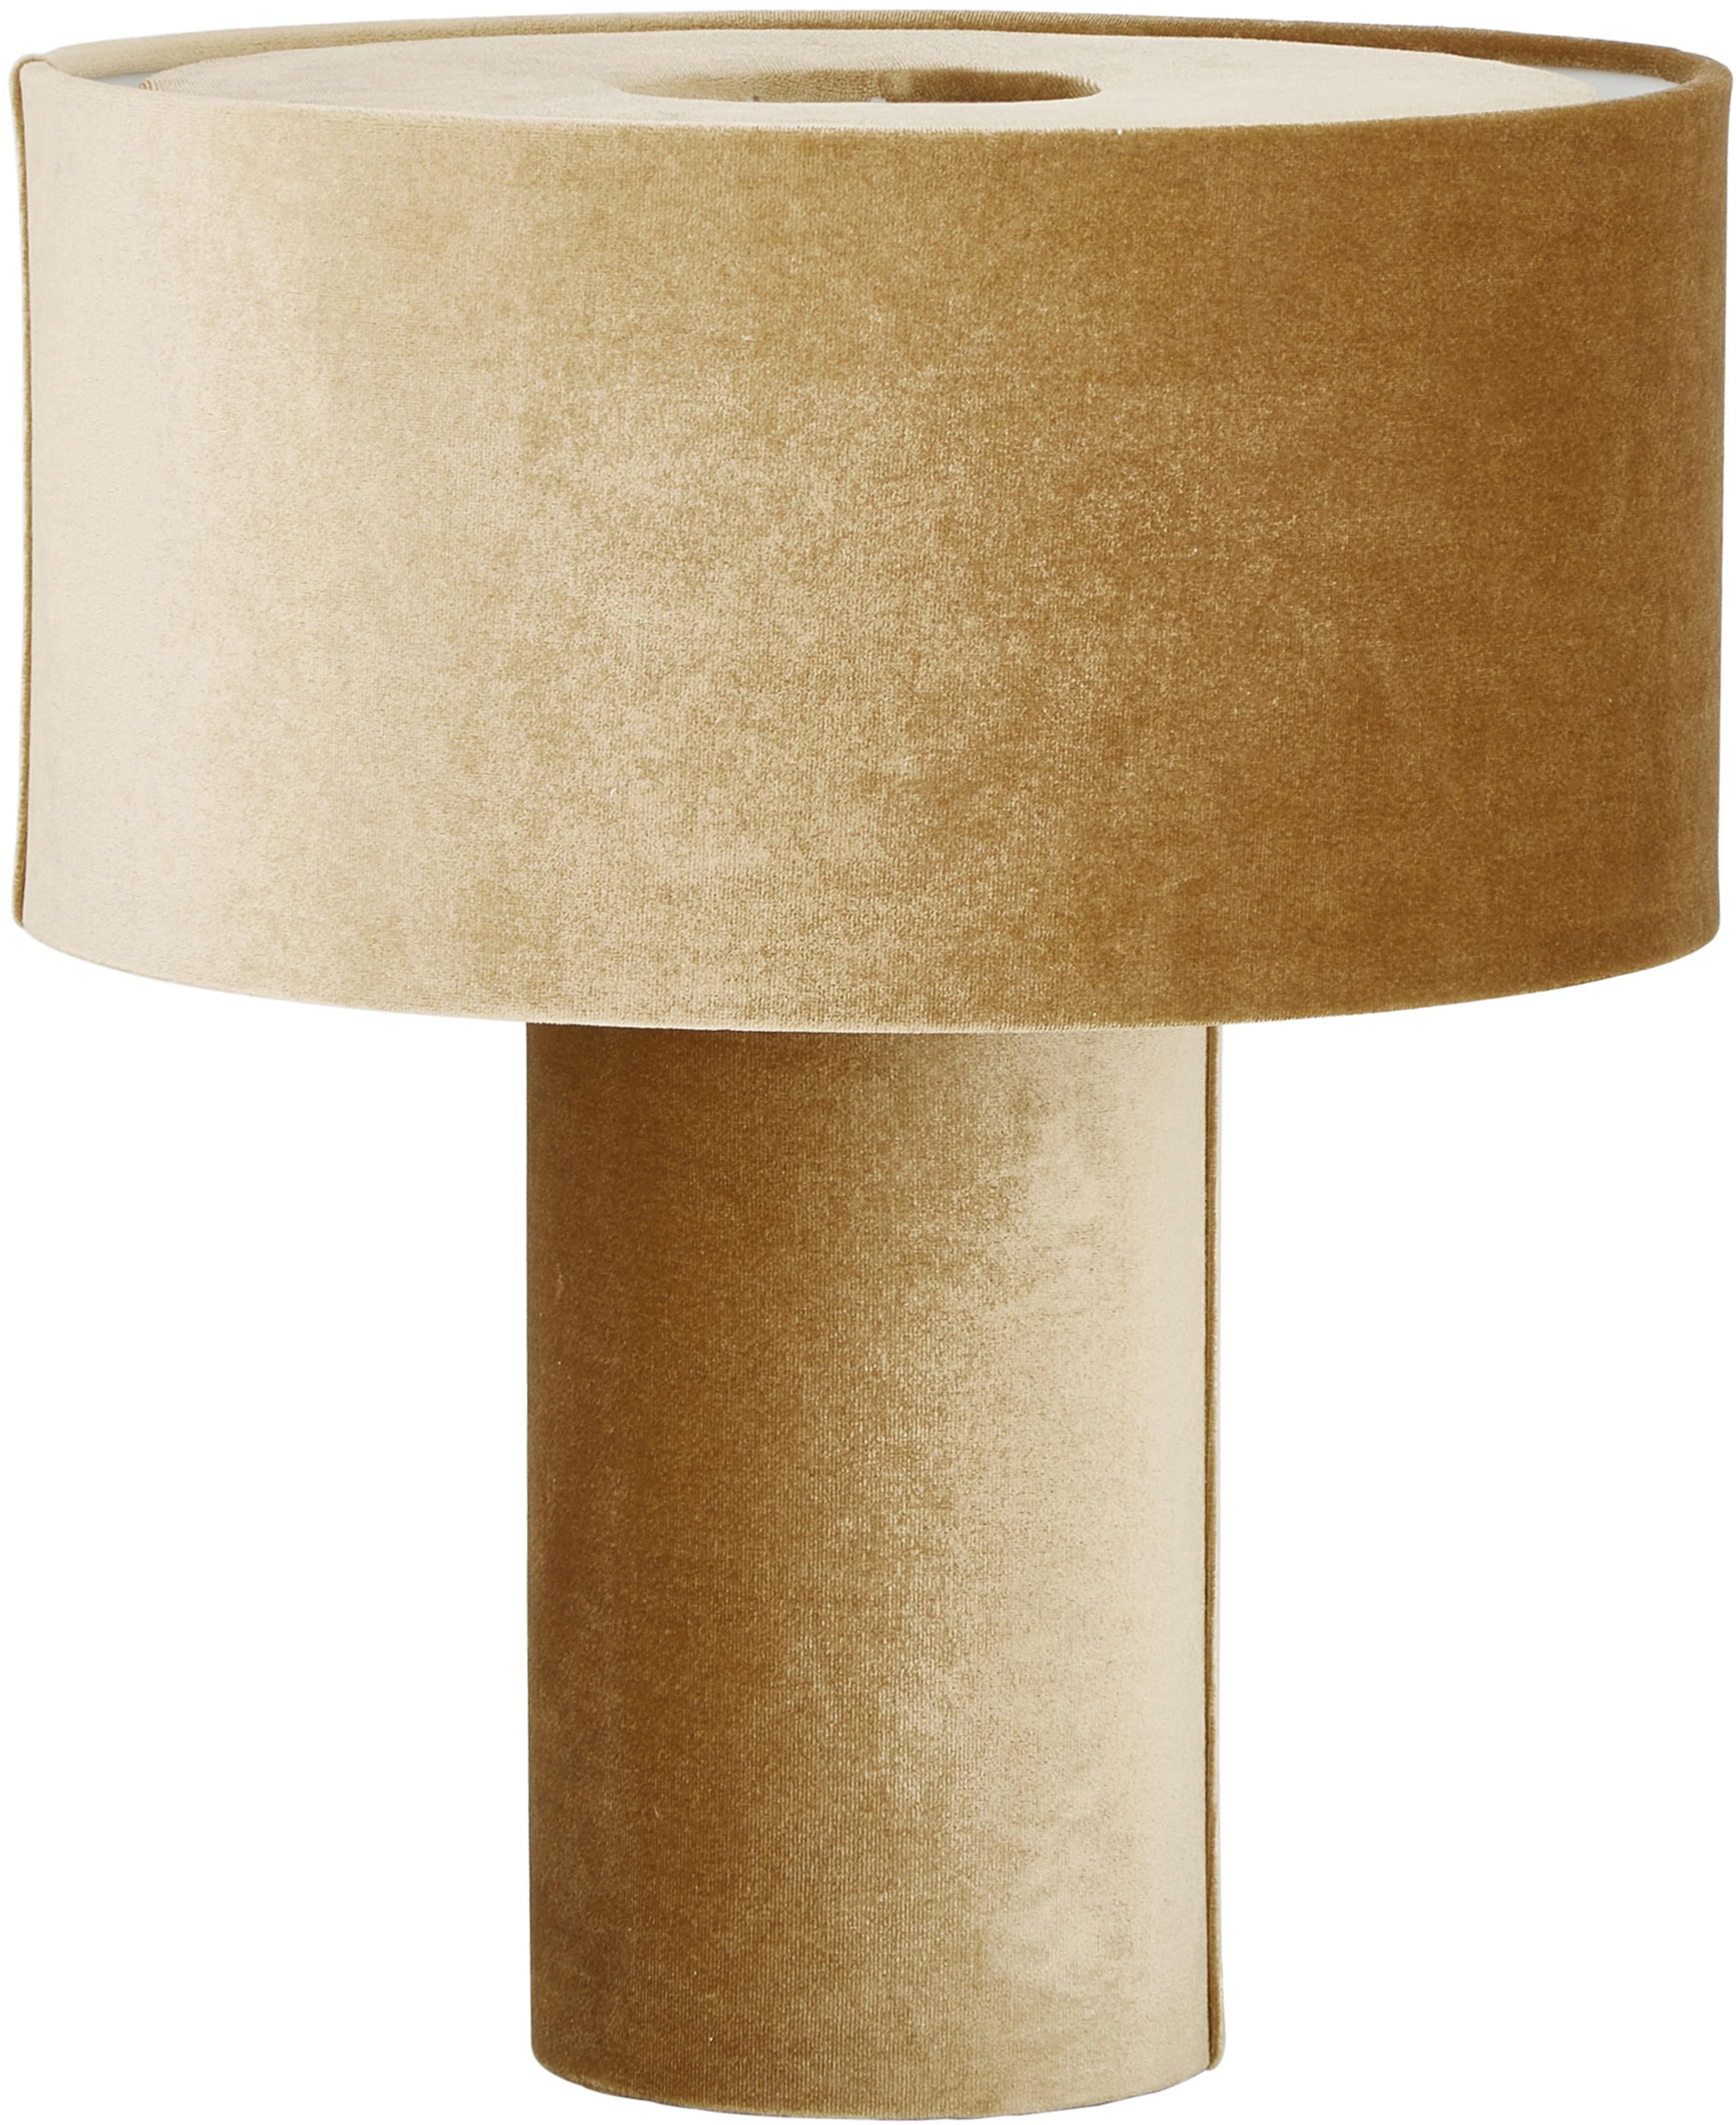 Lámpara de mesa de terciopelo Frida, Pantalla: terciopelo, Cable: cubierto en tela, Mostaza, Ø 30 x Al 36 cm